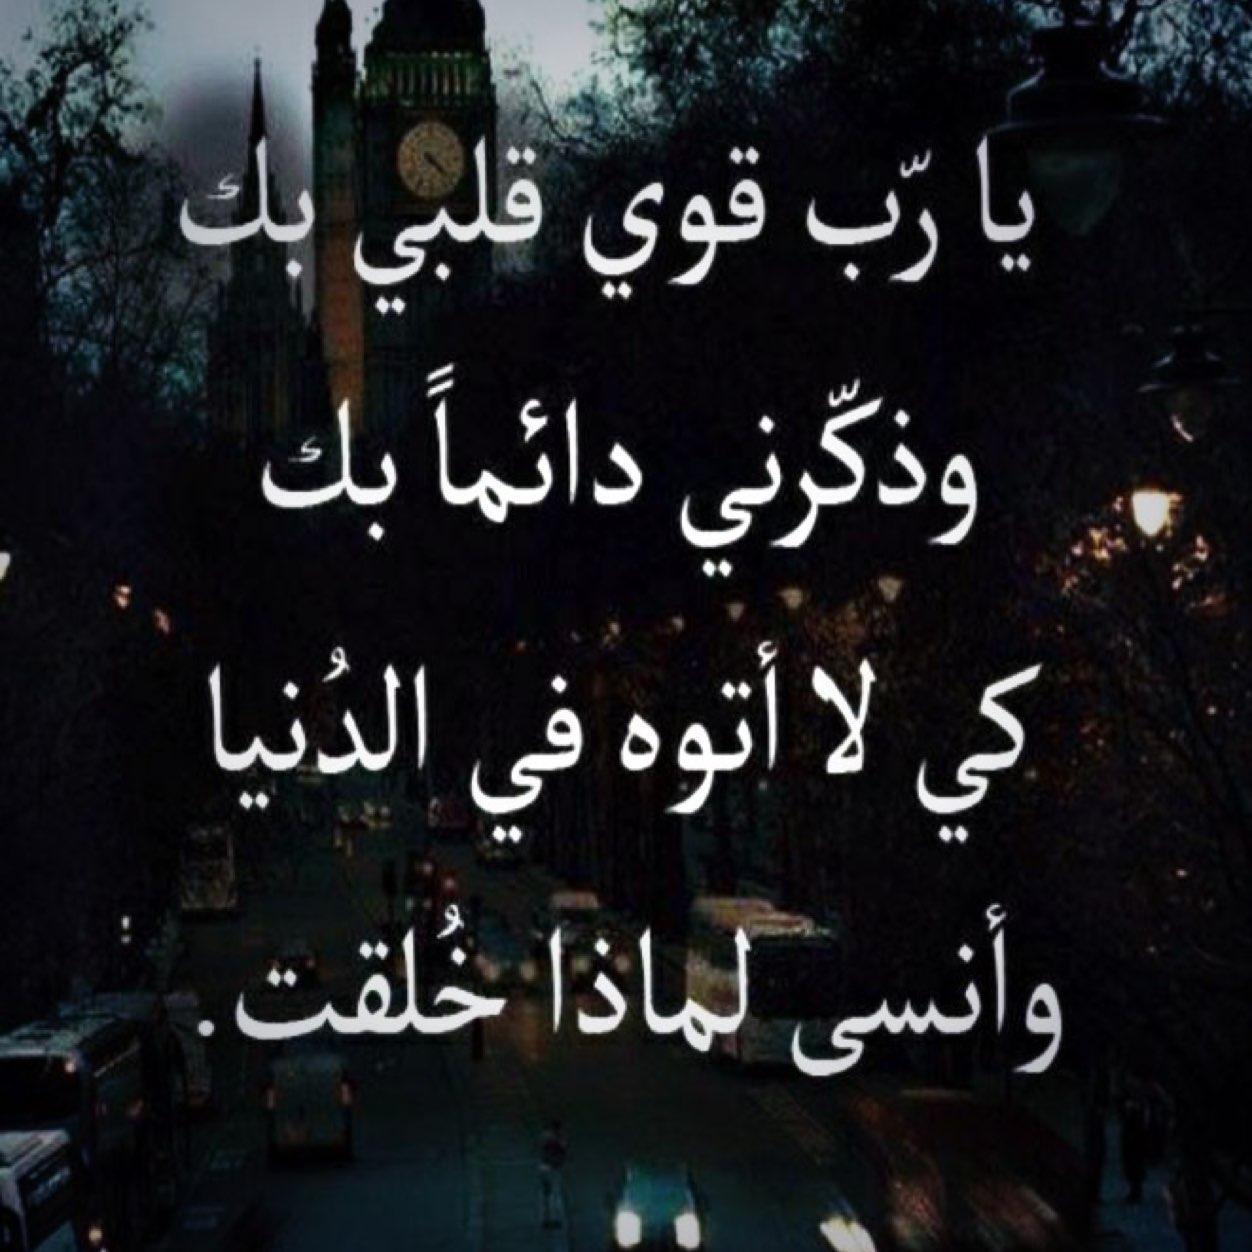 كلام وجع من الدنيا كلمات حزينة وصور حزن مساء الخير